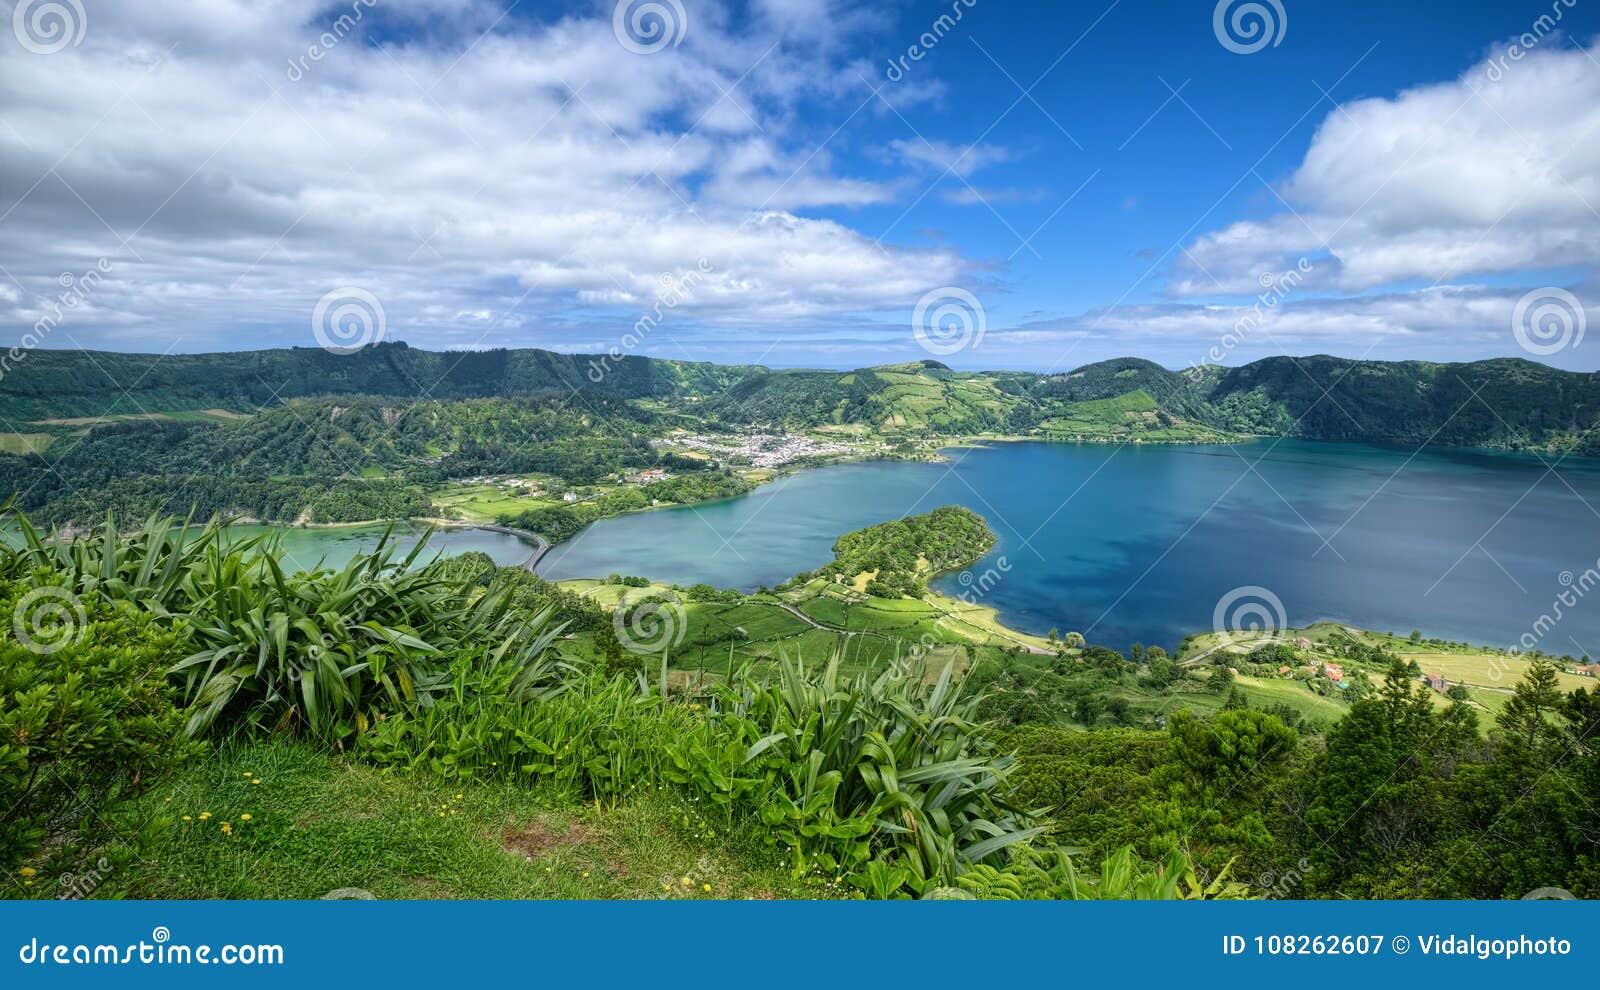 Lagoa Verde and Lagoa Azul lakes, Sao Miguel island, Azores, Portugal